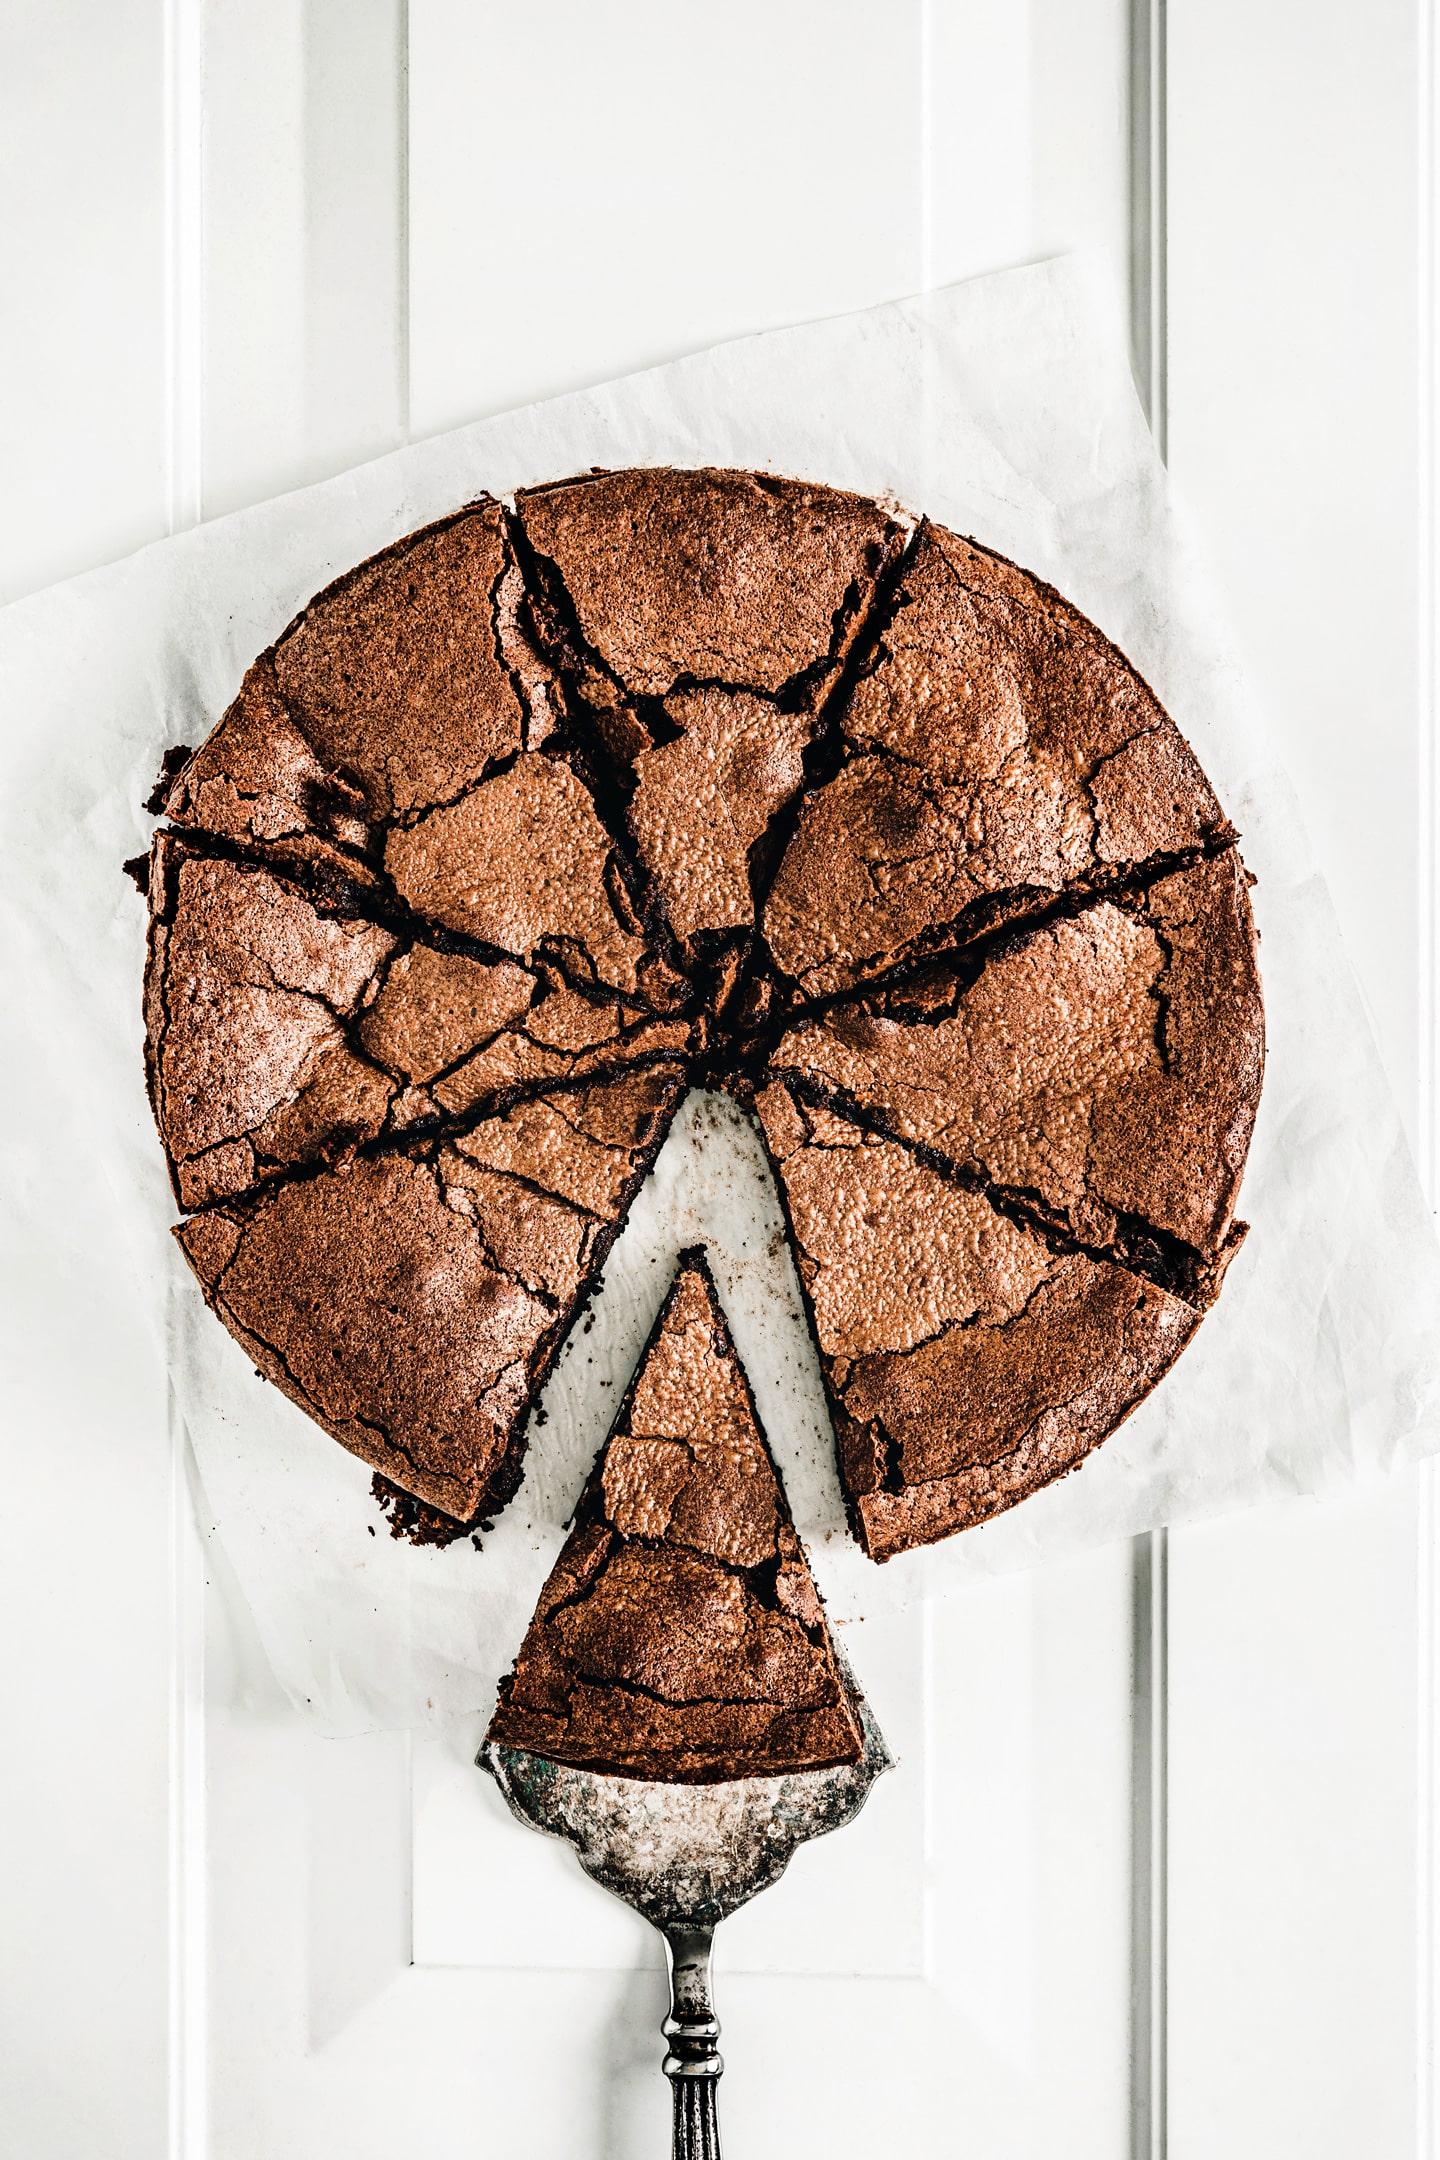 Recette du gateau au chocolat facile et moelleux